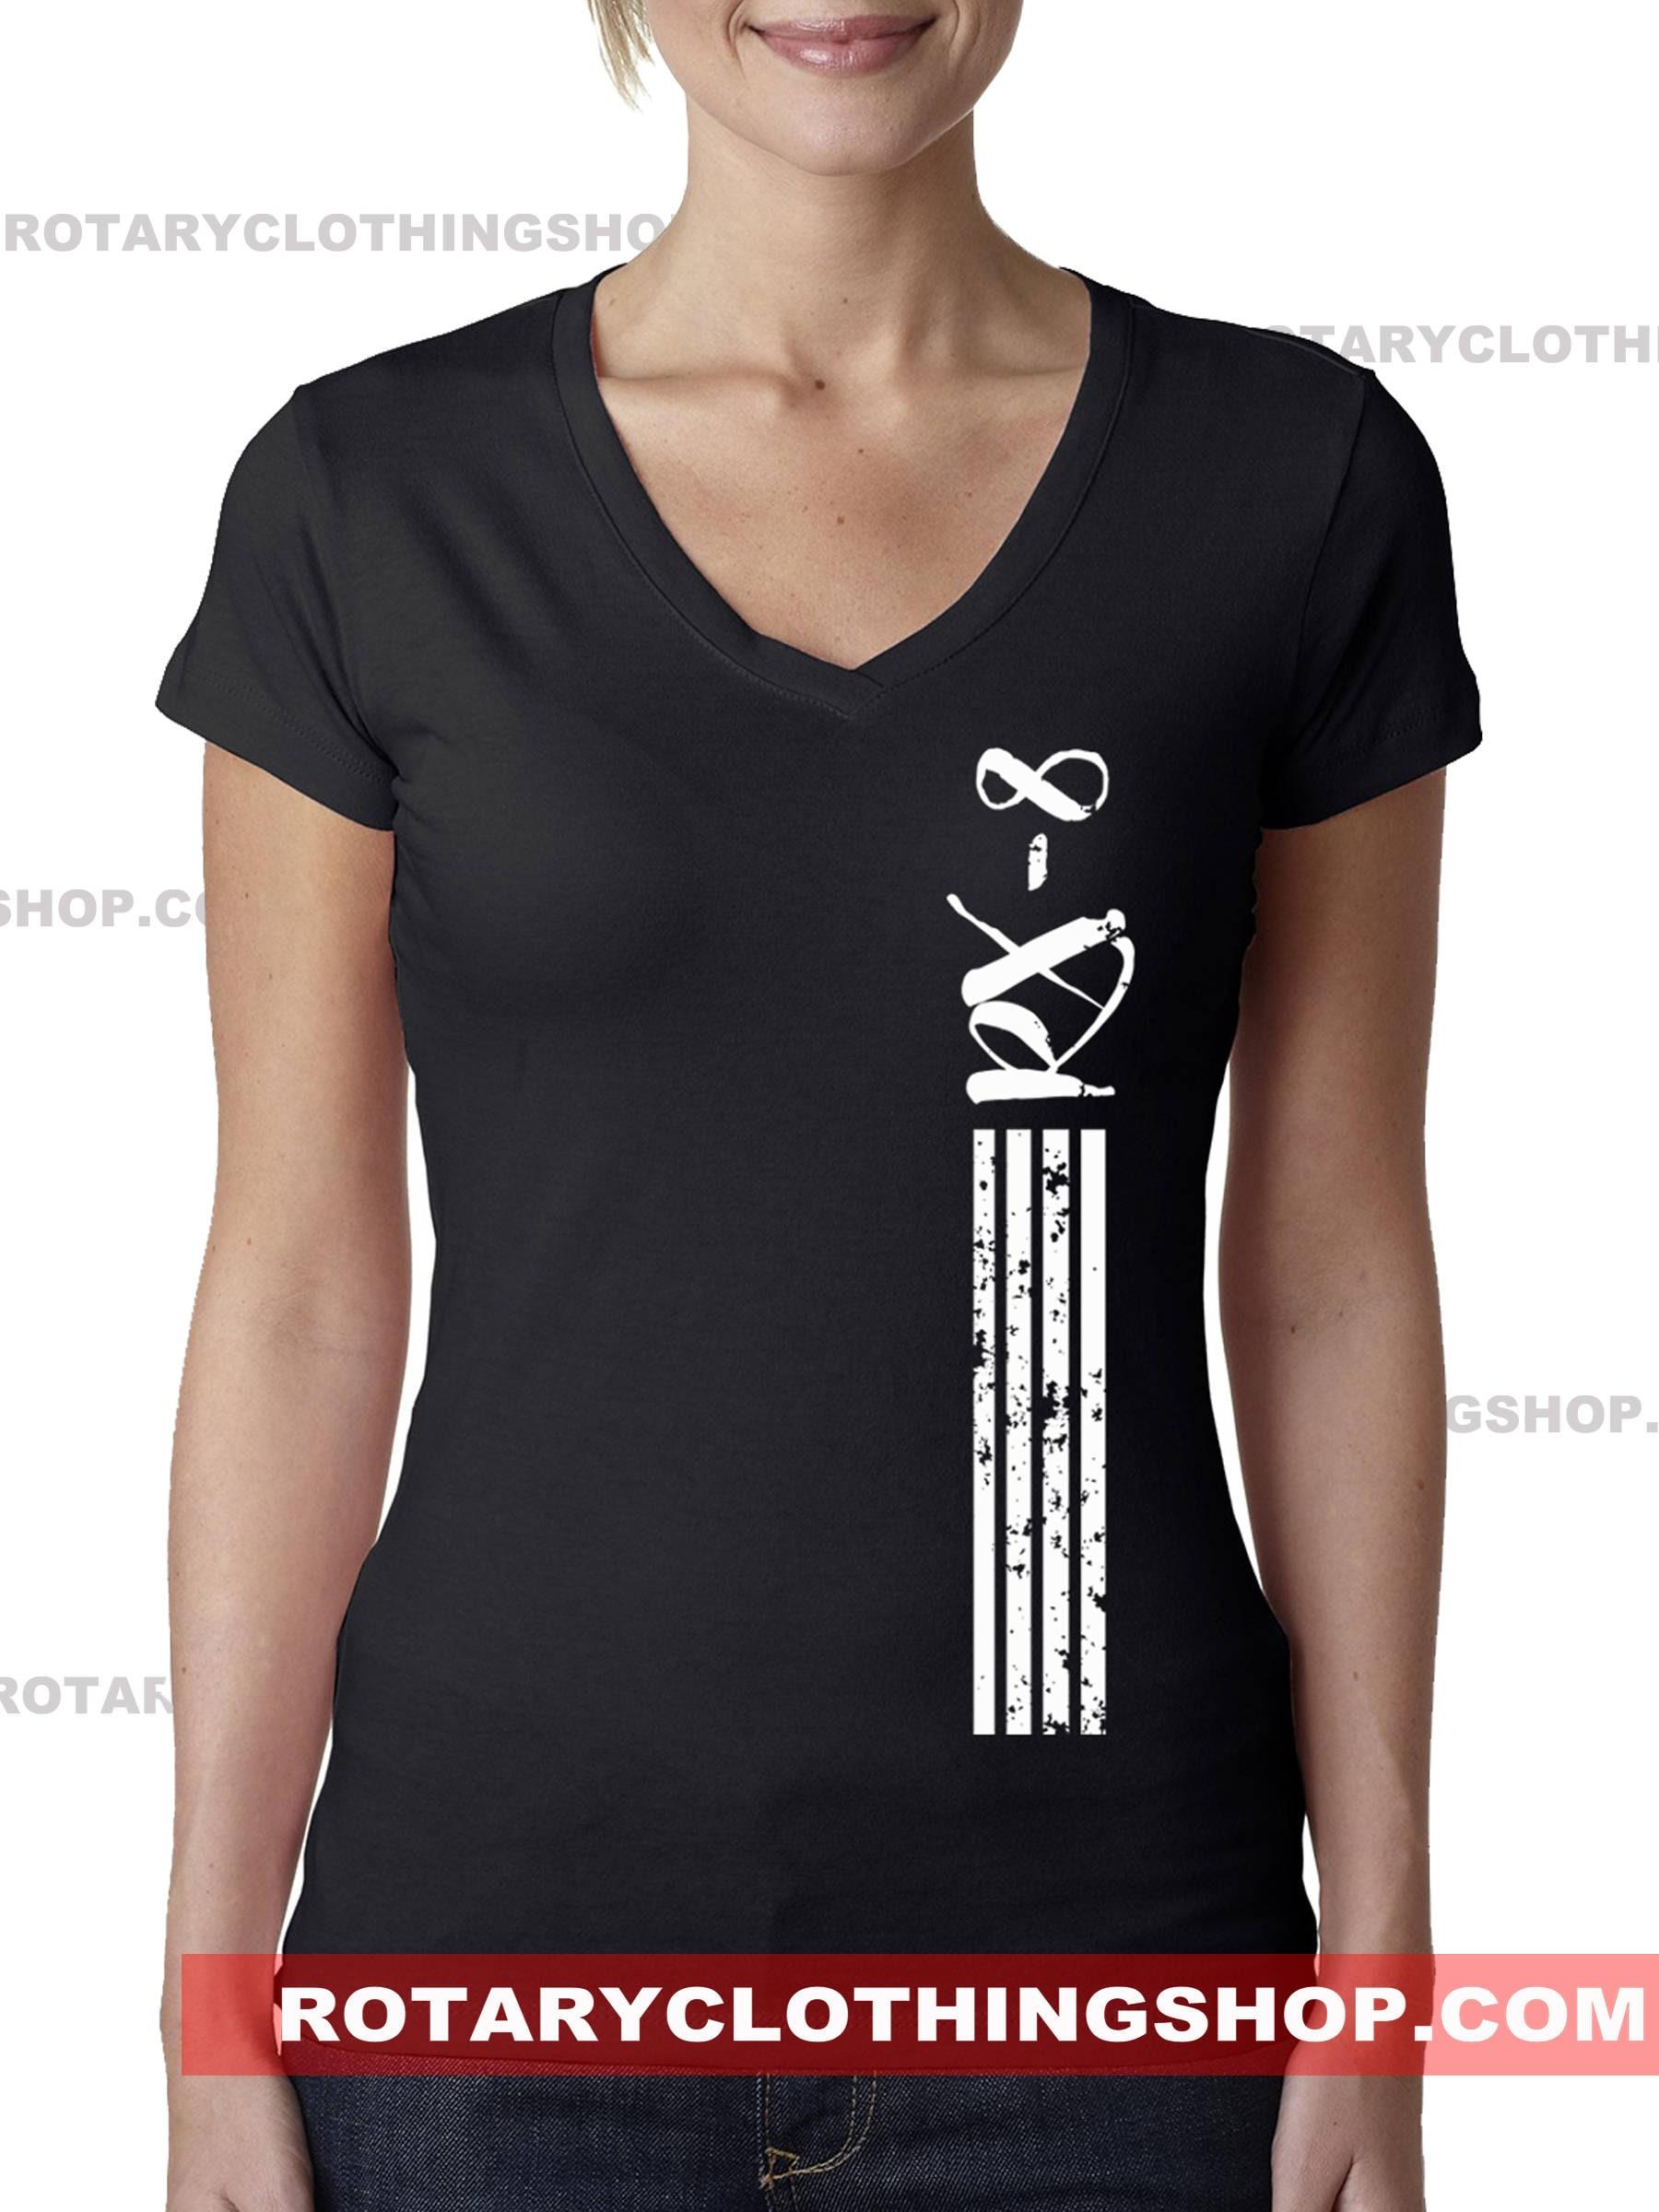 Rx-8 Stripes -Ladies top -Rotary Engine - Graphic Tshirt